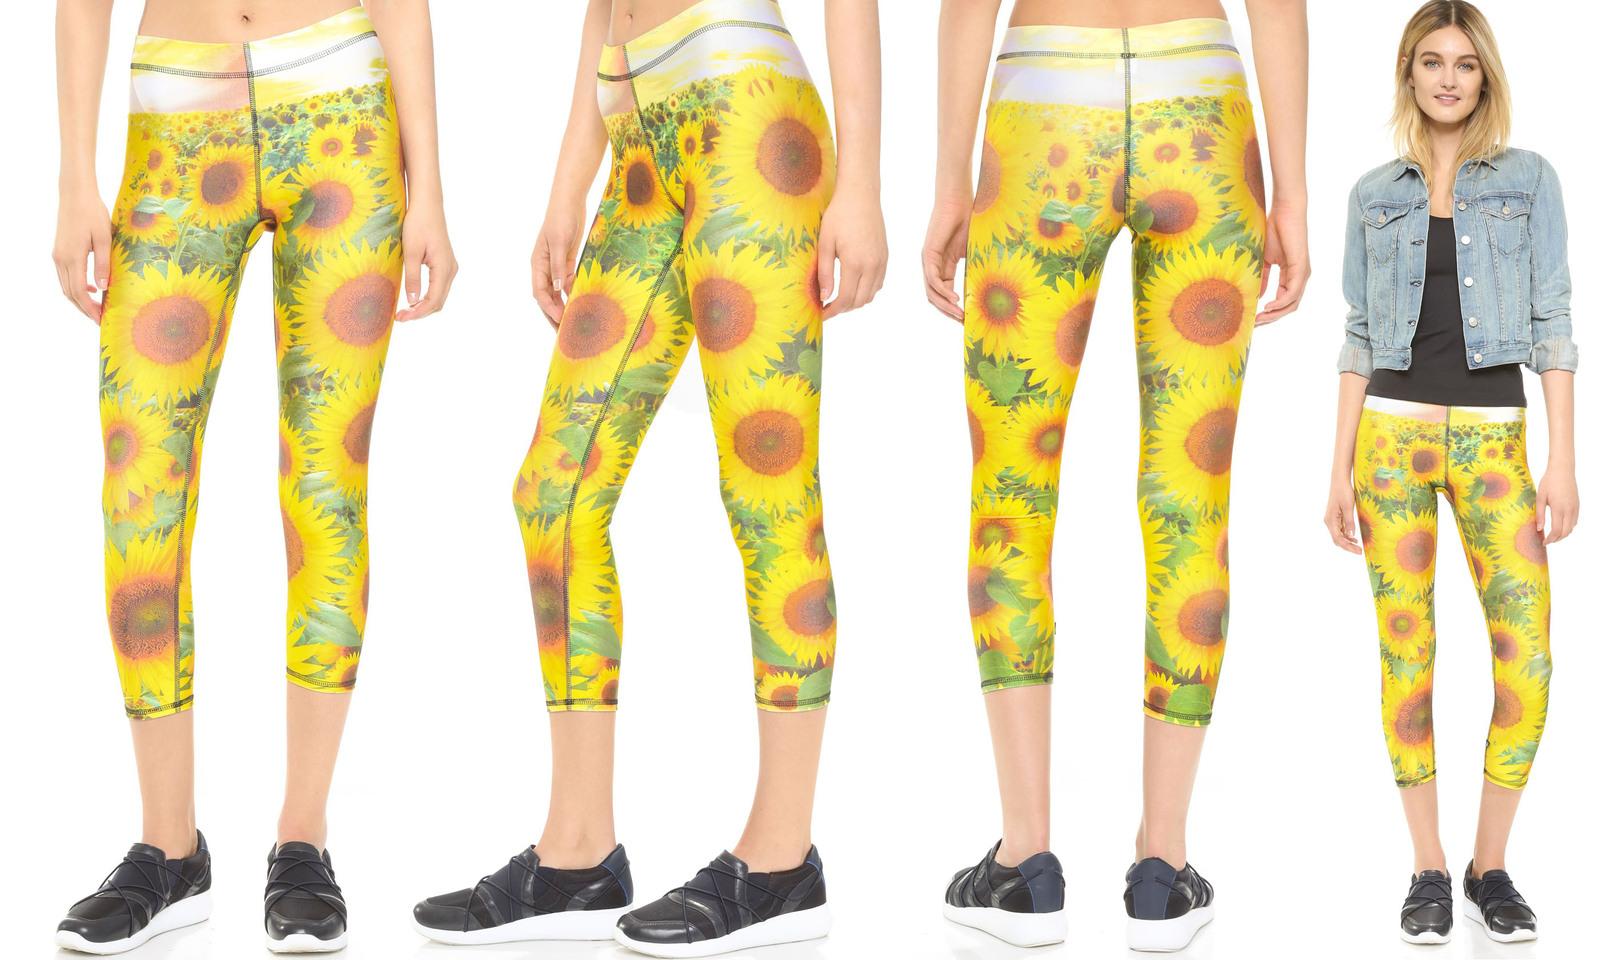 Trz 151 02 649 sunflower terez printed leggings 00